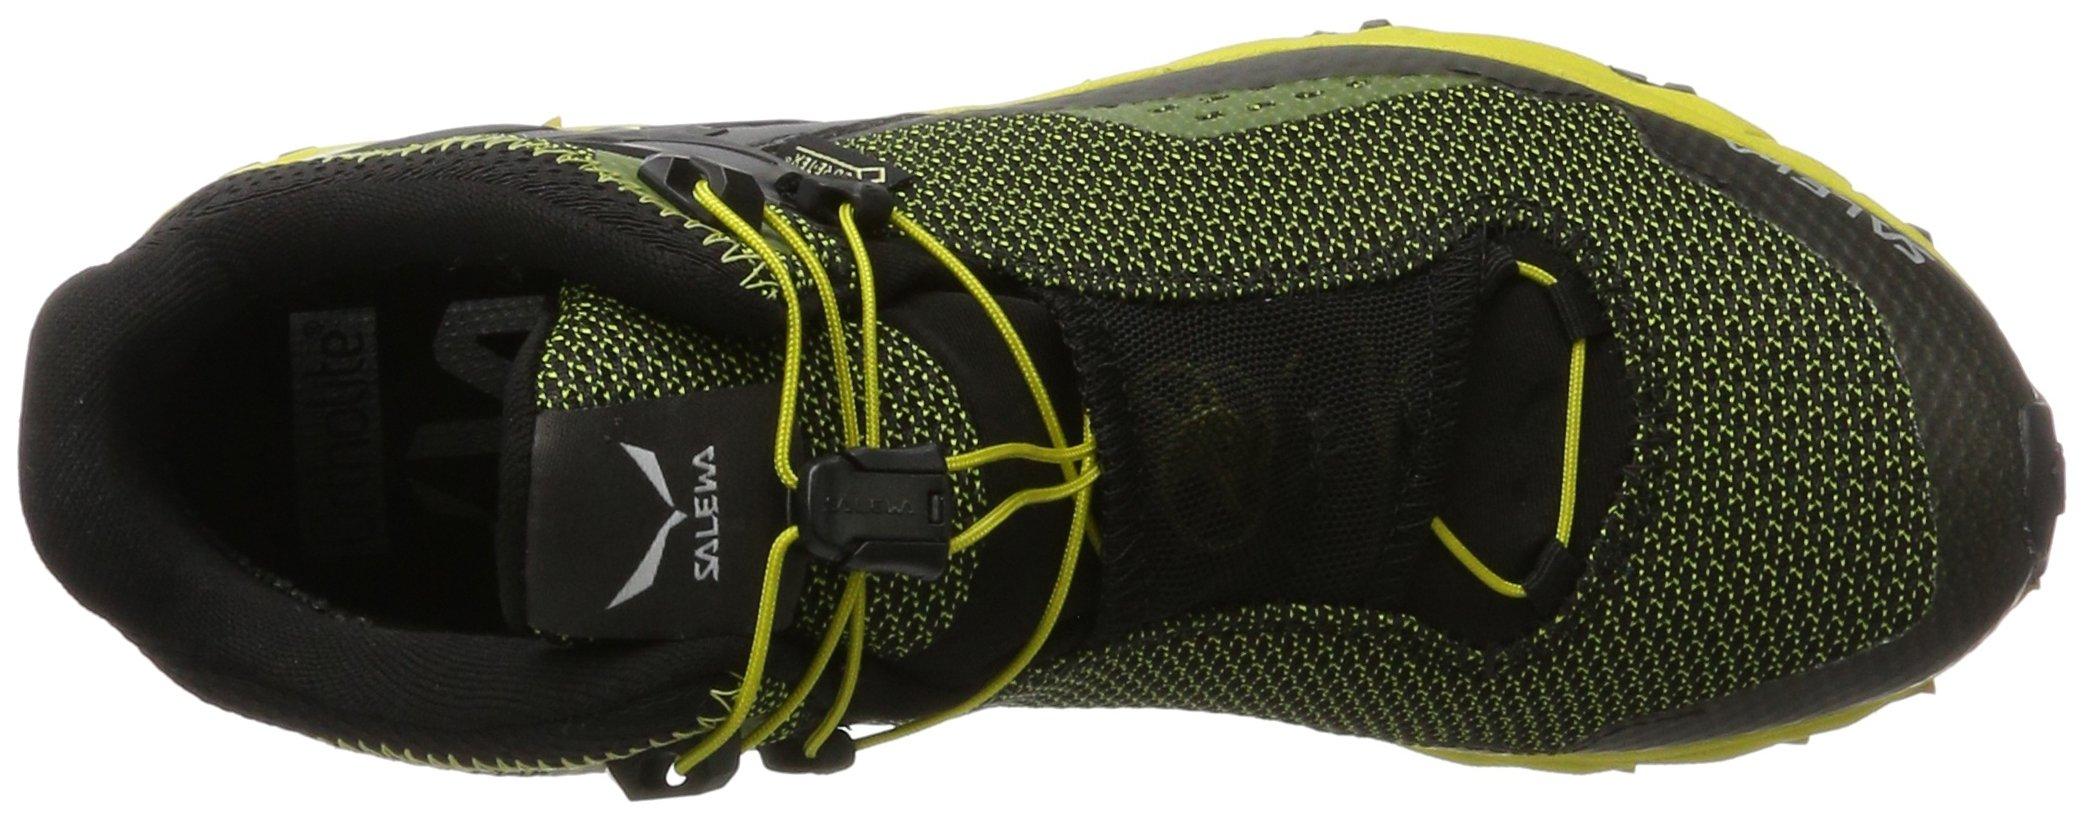 71QYNnix3 L - Salewa Men's Ms Ultra Flex Mid GTX High Rise Hiking Boots